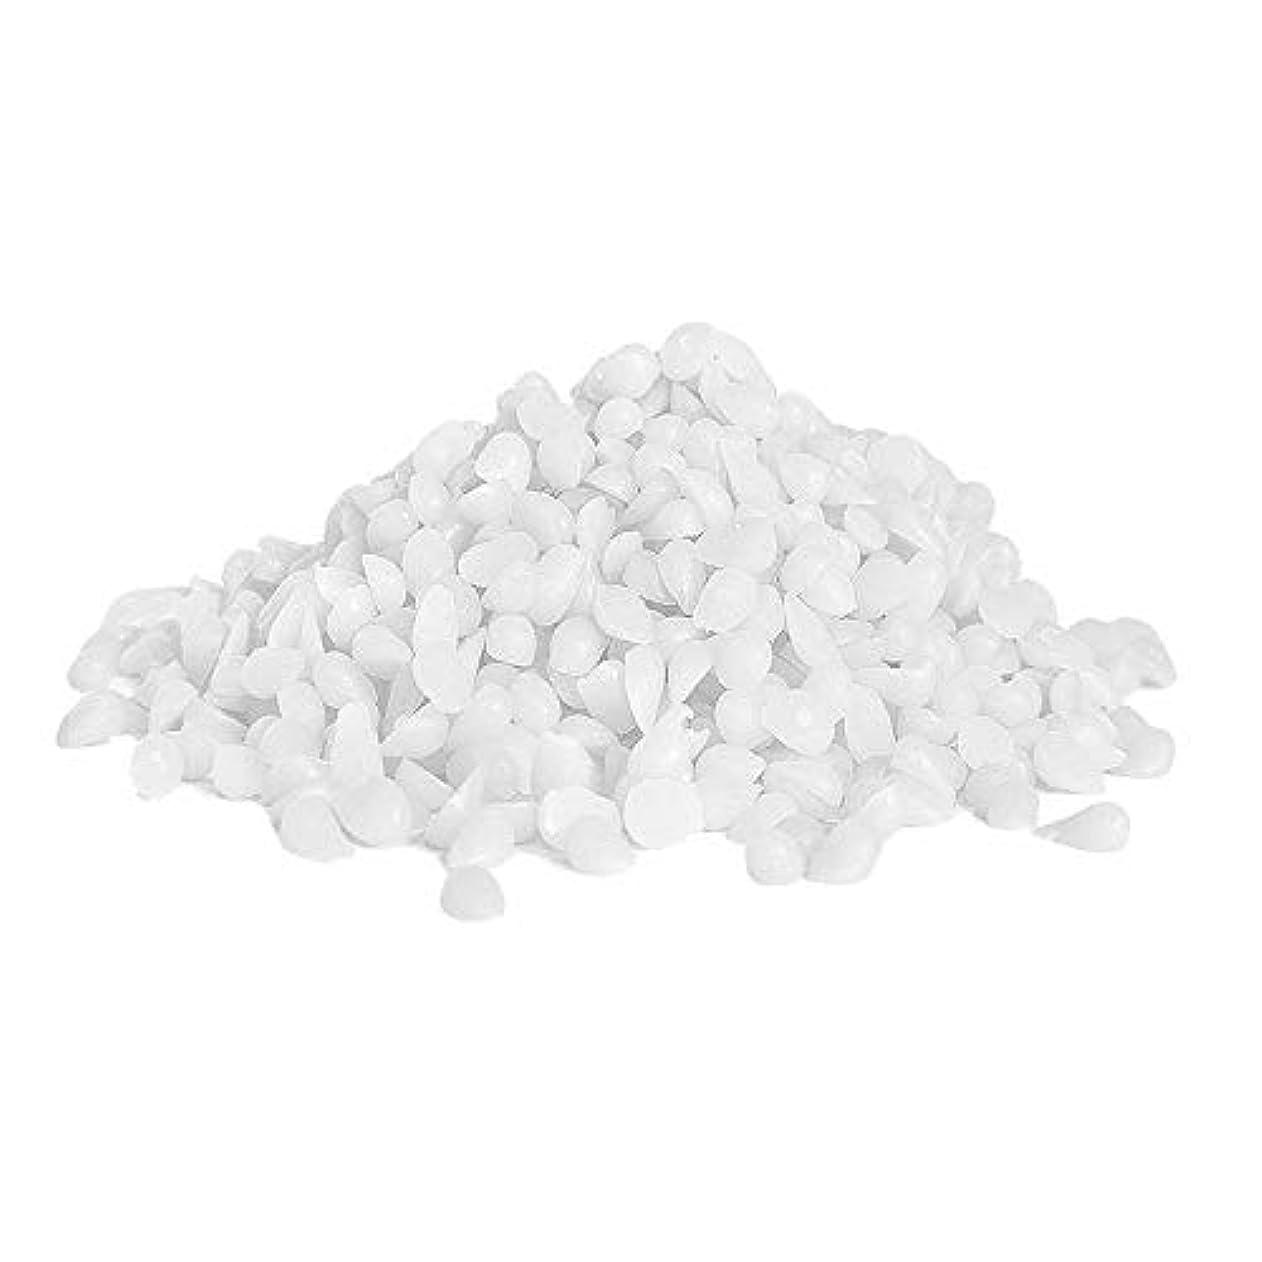 フレット受動的サミットTenflyer  ミツロウペレットイエローホワイトトローチ化粧品グレードキャンドルシャップスティックミツロウペレット